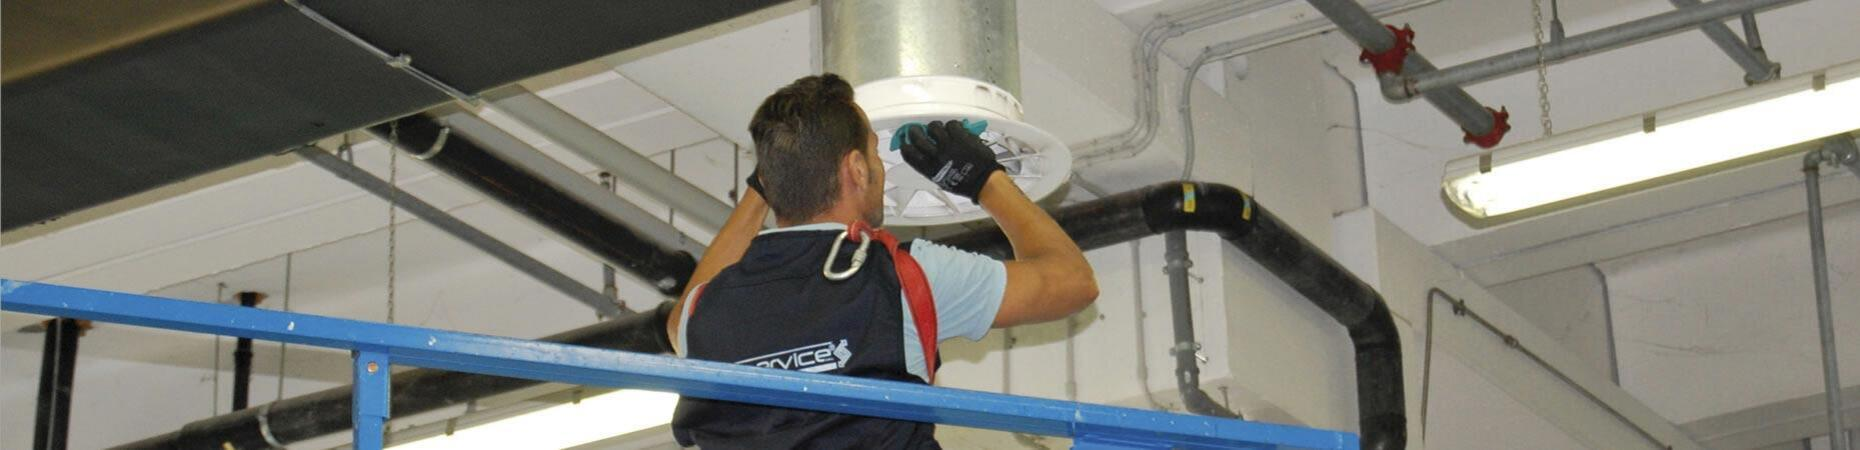 ecoservice-modena it pulizia-e-sanificazione-condotti-aria-modena 005